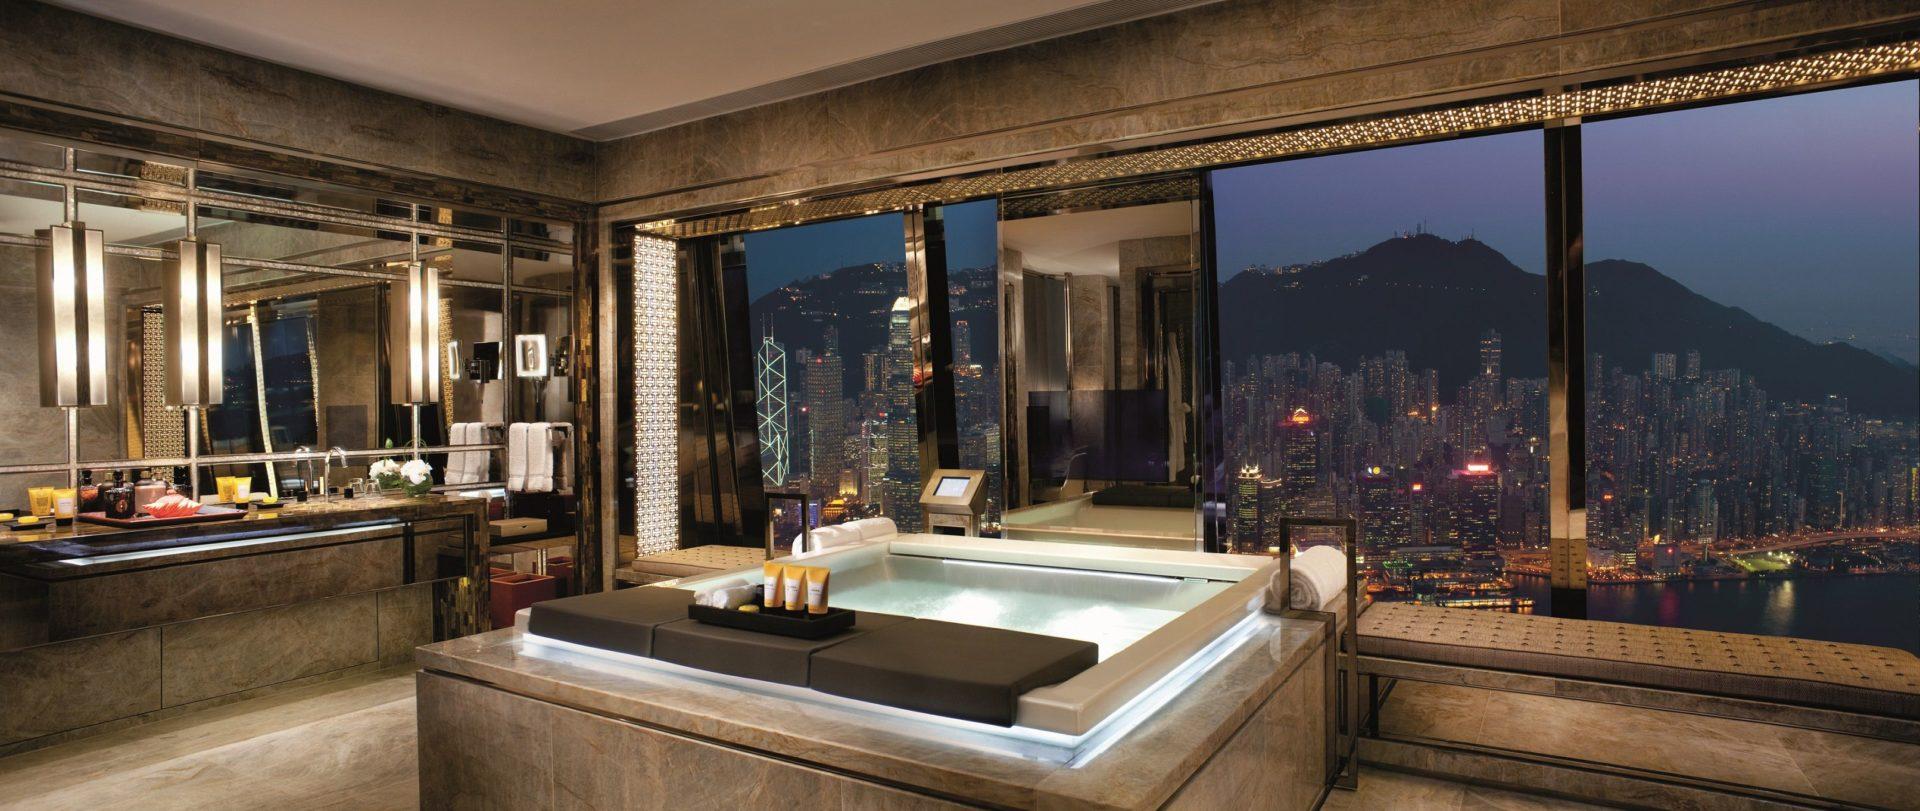 роскошная отделанная мрамором ванная комната с панорамным видом